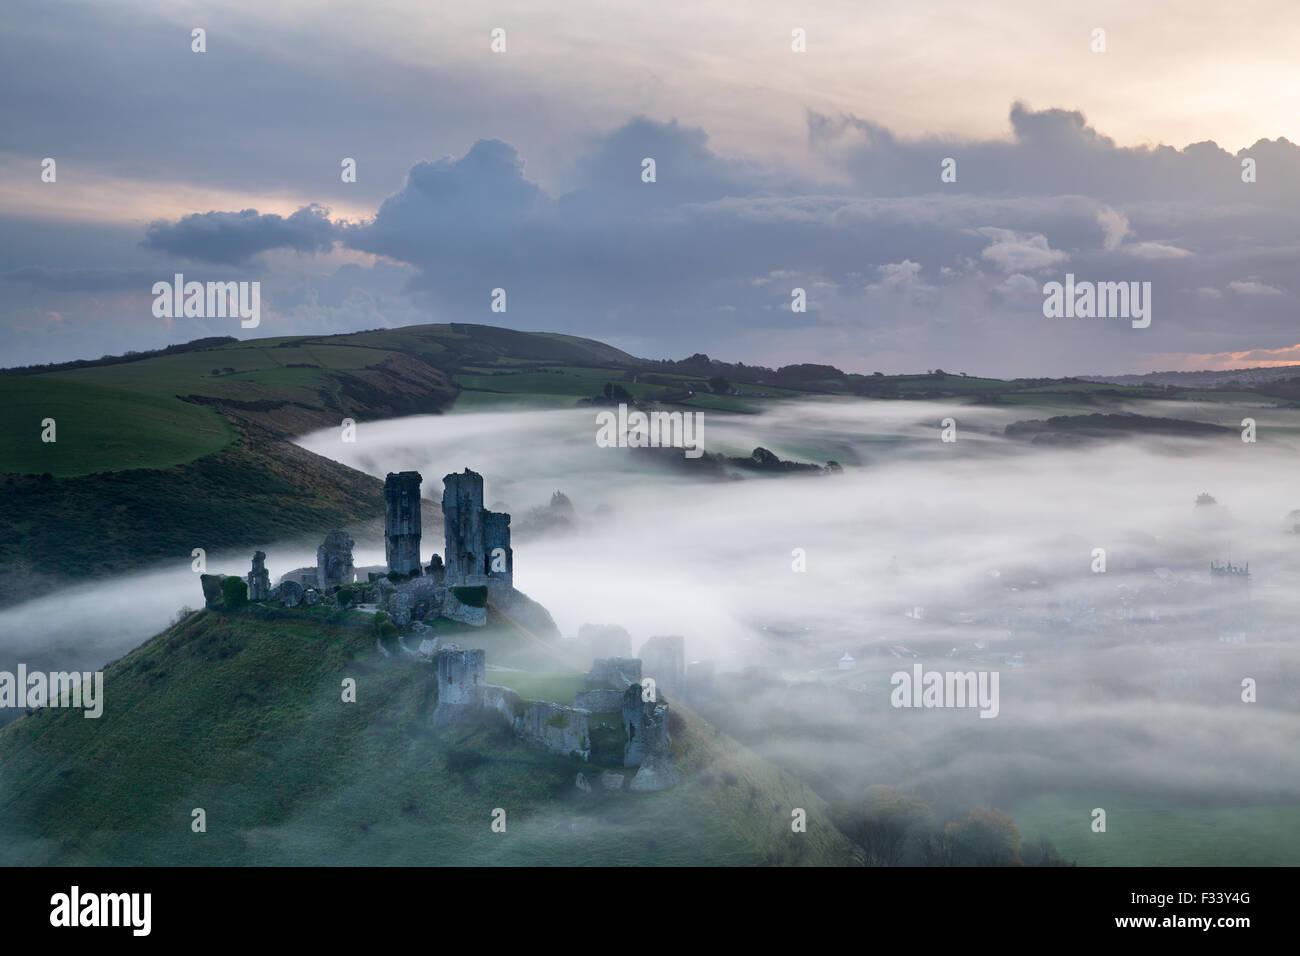 El castillo Corfe en la neblina al amanecer, Dorset, Inglaterra Imagen De Stock